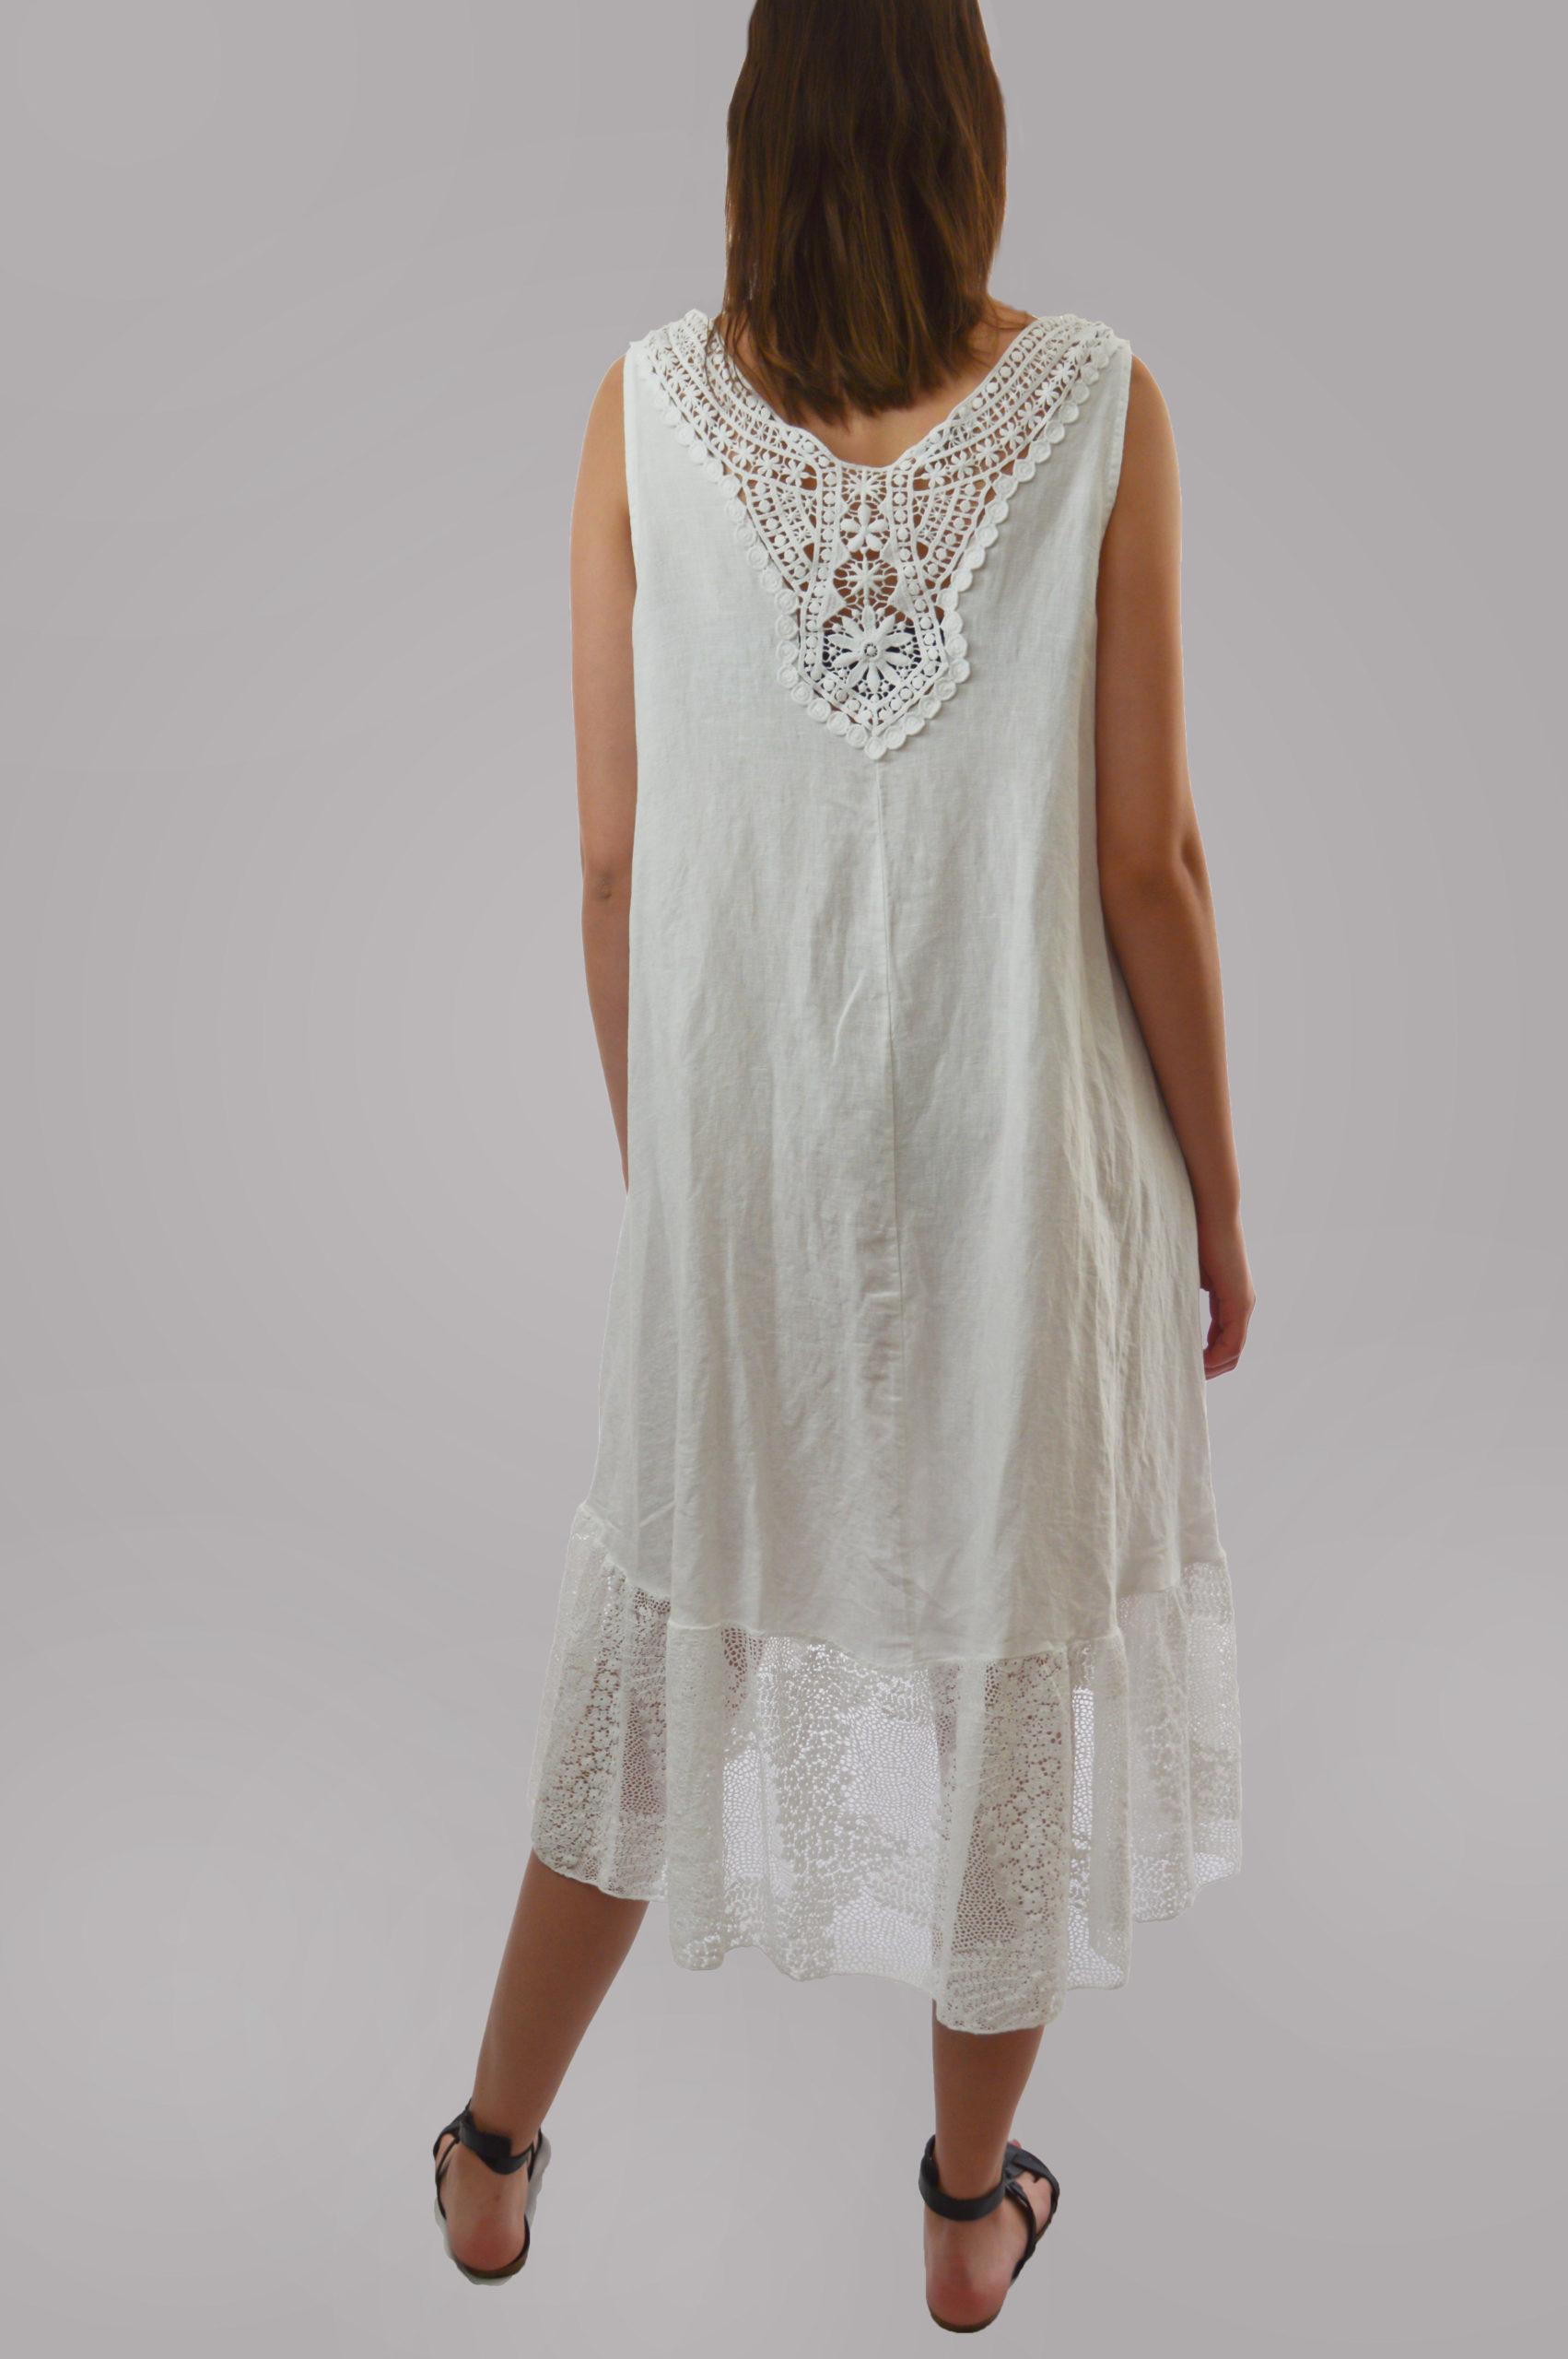 Weißes Sommerkleid Aus Leine  Reyna  Fashion